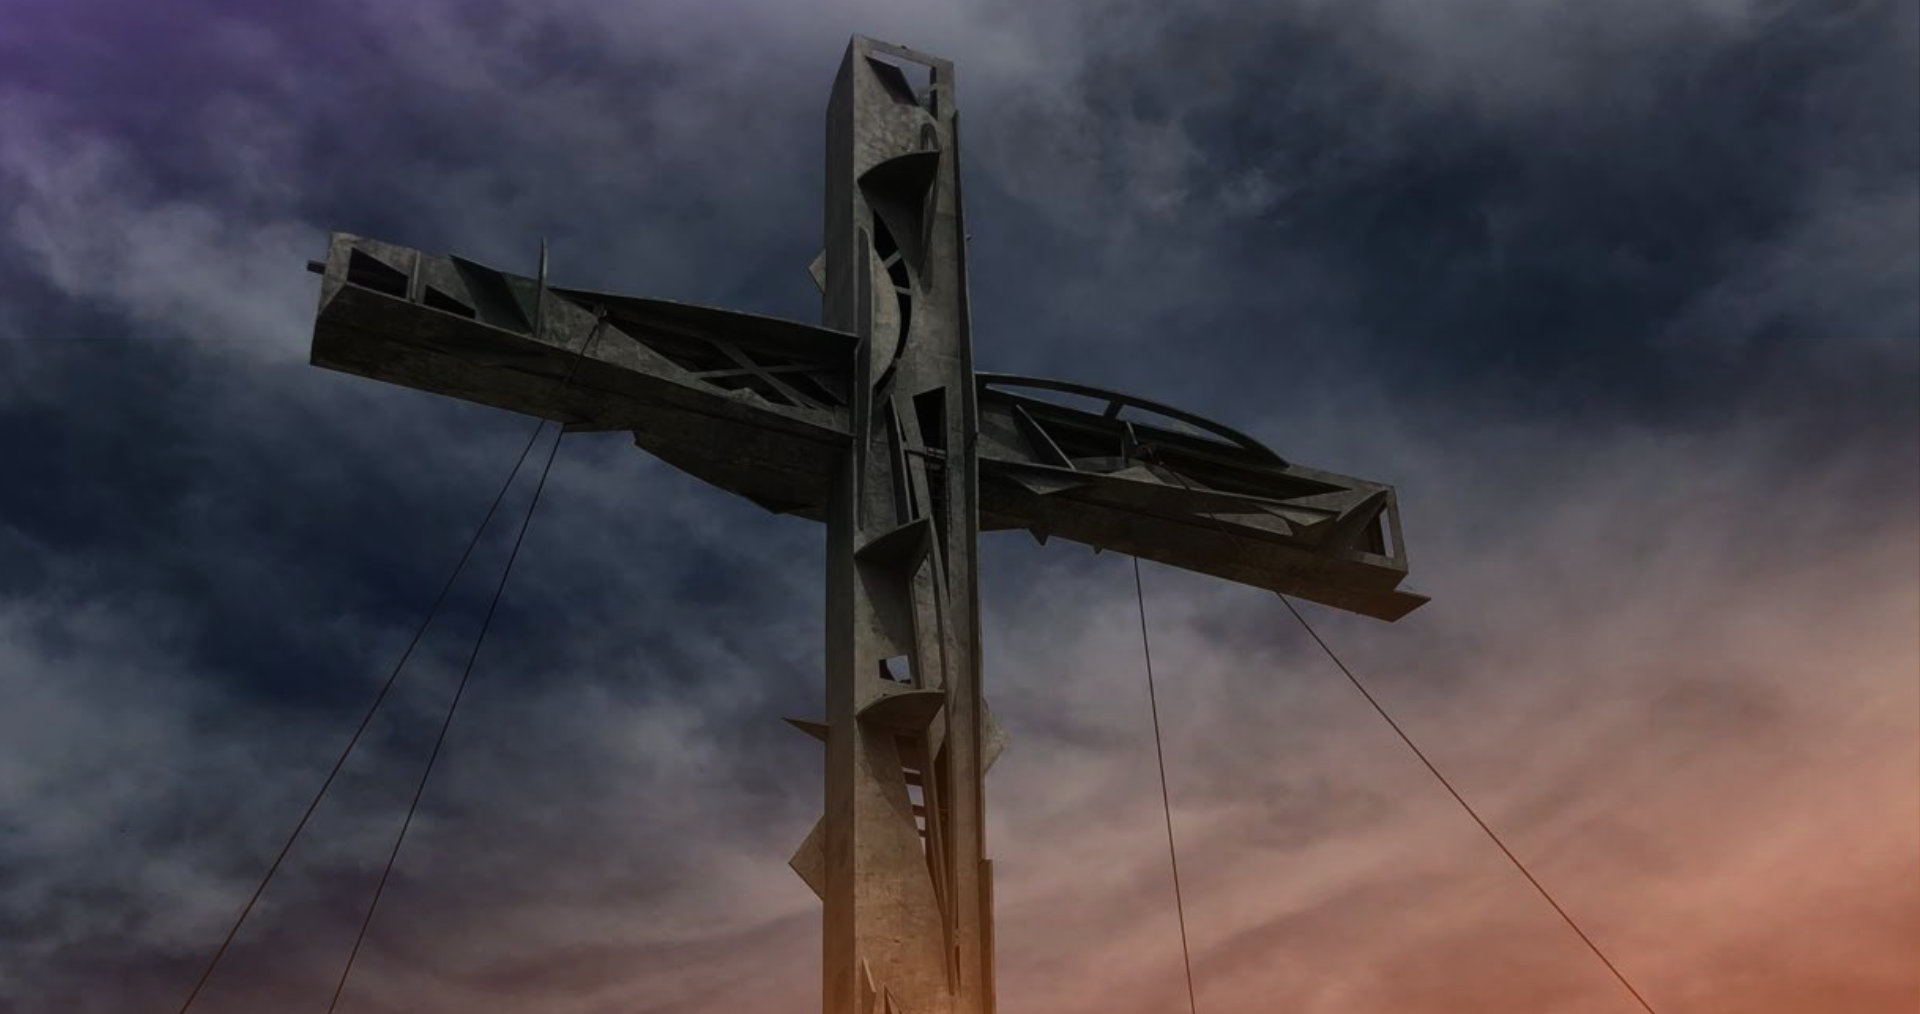 cross against a clouded sky